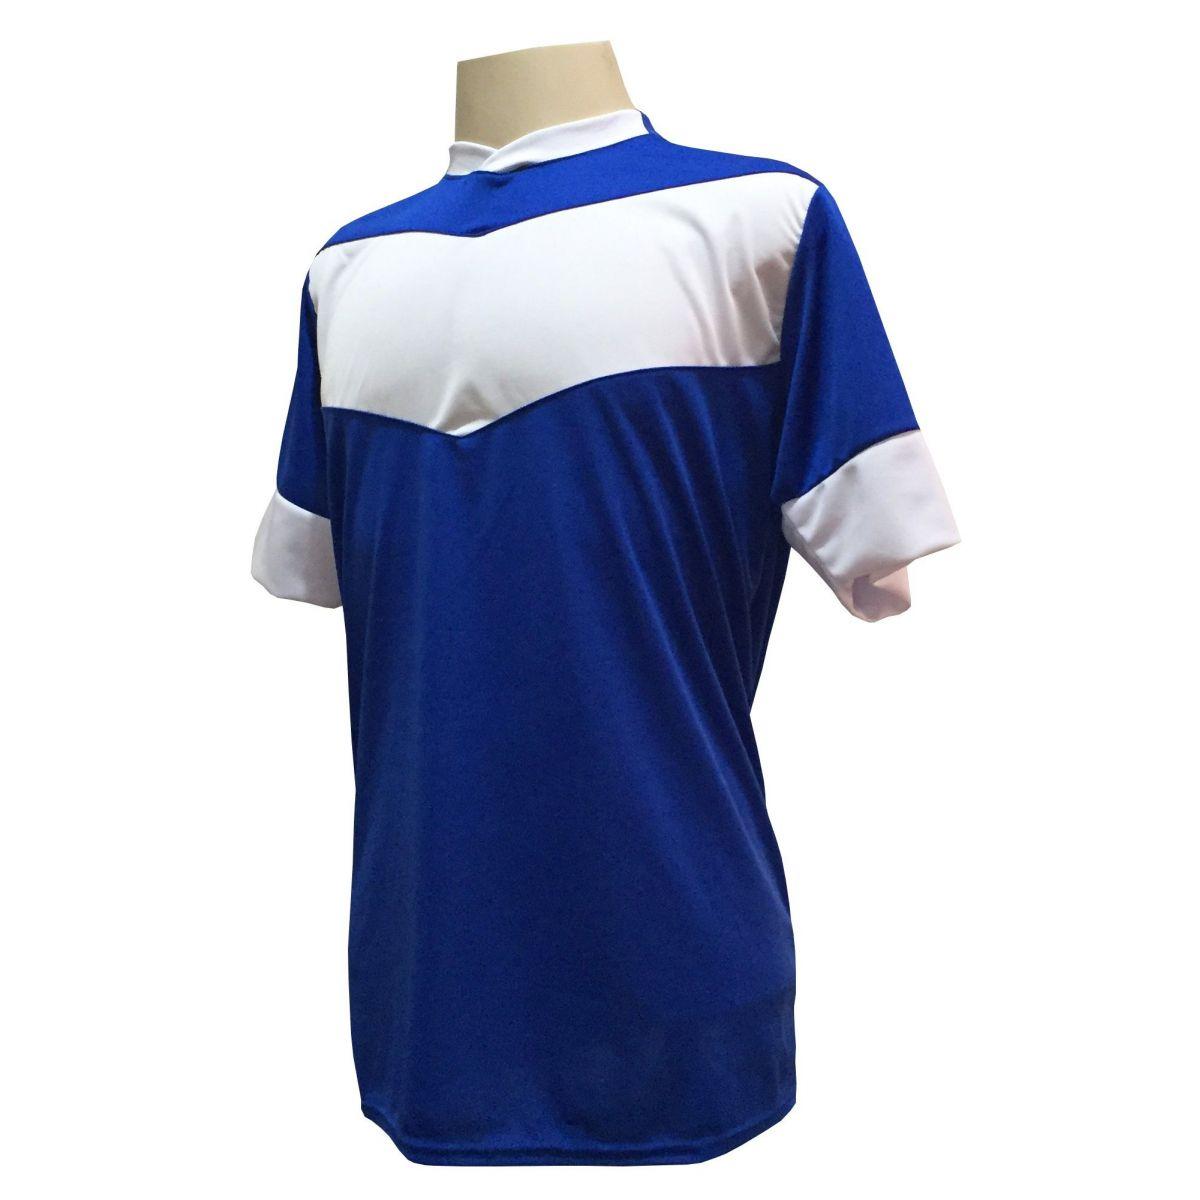 Uniforme Esportivo com 18 camisas modelo Columbus Royal/Branco + 18 calções modelo Madrid + 1 Goleiro + Brindes